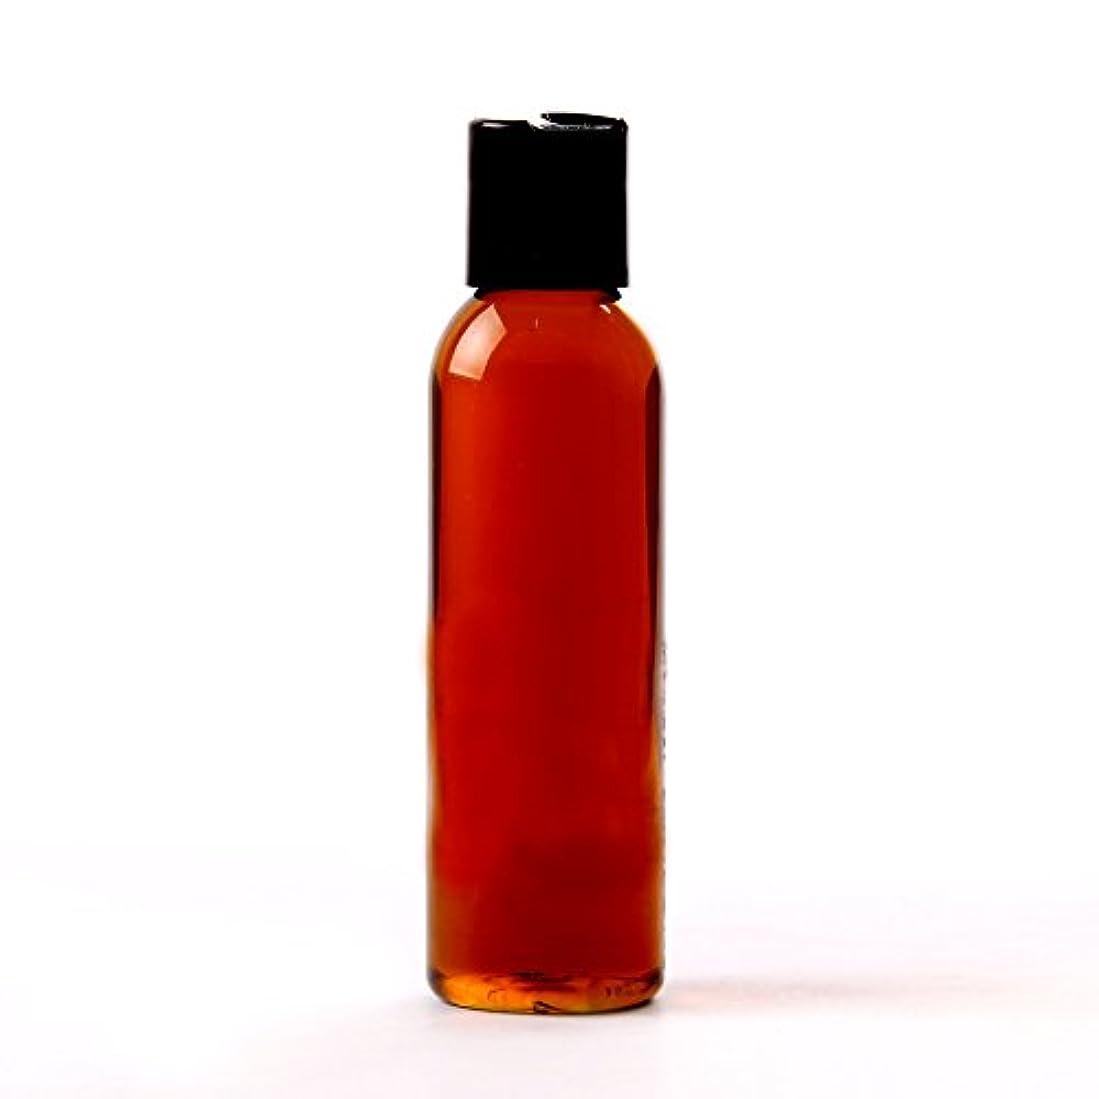 小麦粉権威悲しみMystic Moments | Cucumber Virgin Carrier Oil - 125ml - 100% Pure